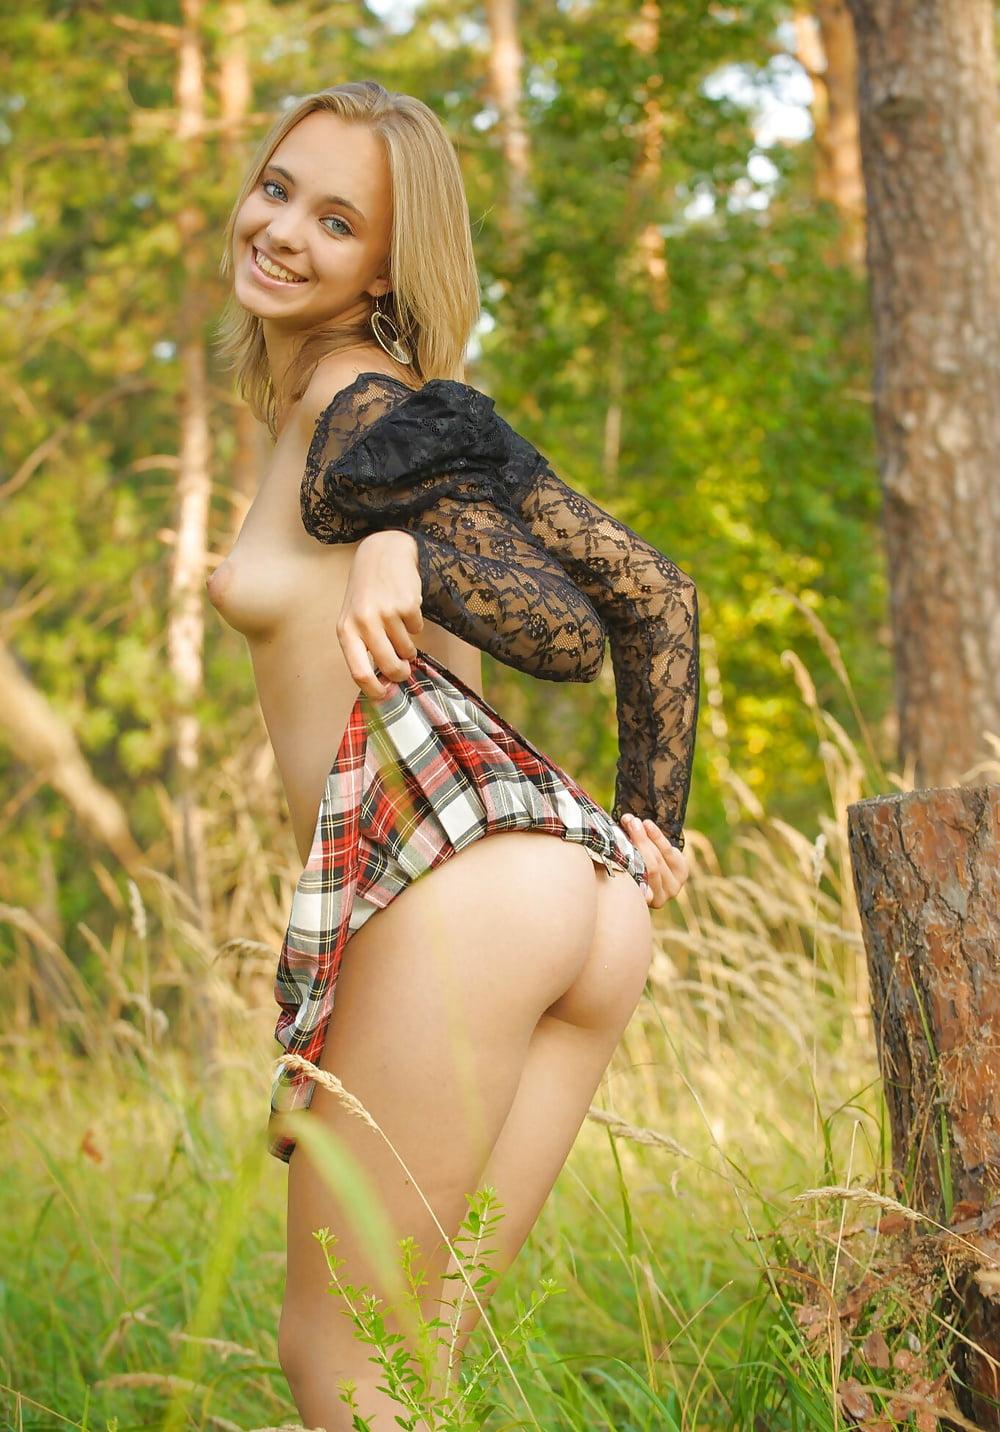 Просмотр эротики что под юбкой у красавиц — photo 1